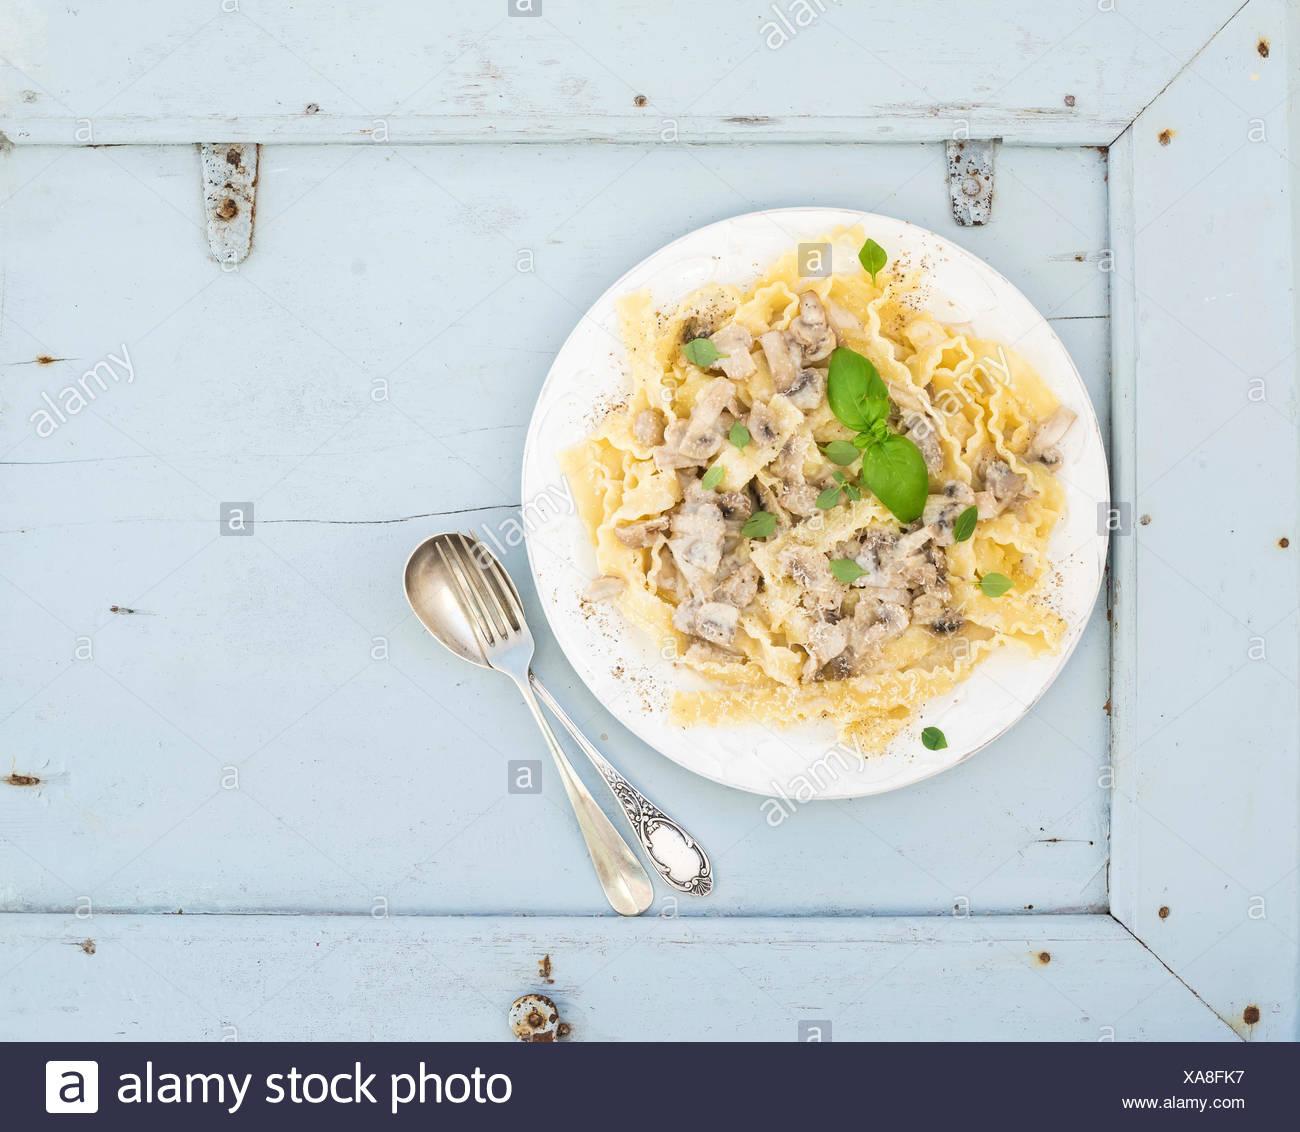 Pasta mafaldine con champiñones y salsa de nata en placa de cerámica blanca sobre fondo azul de madera. Vista desde arriba. Espacio de copia Imagen De Stock